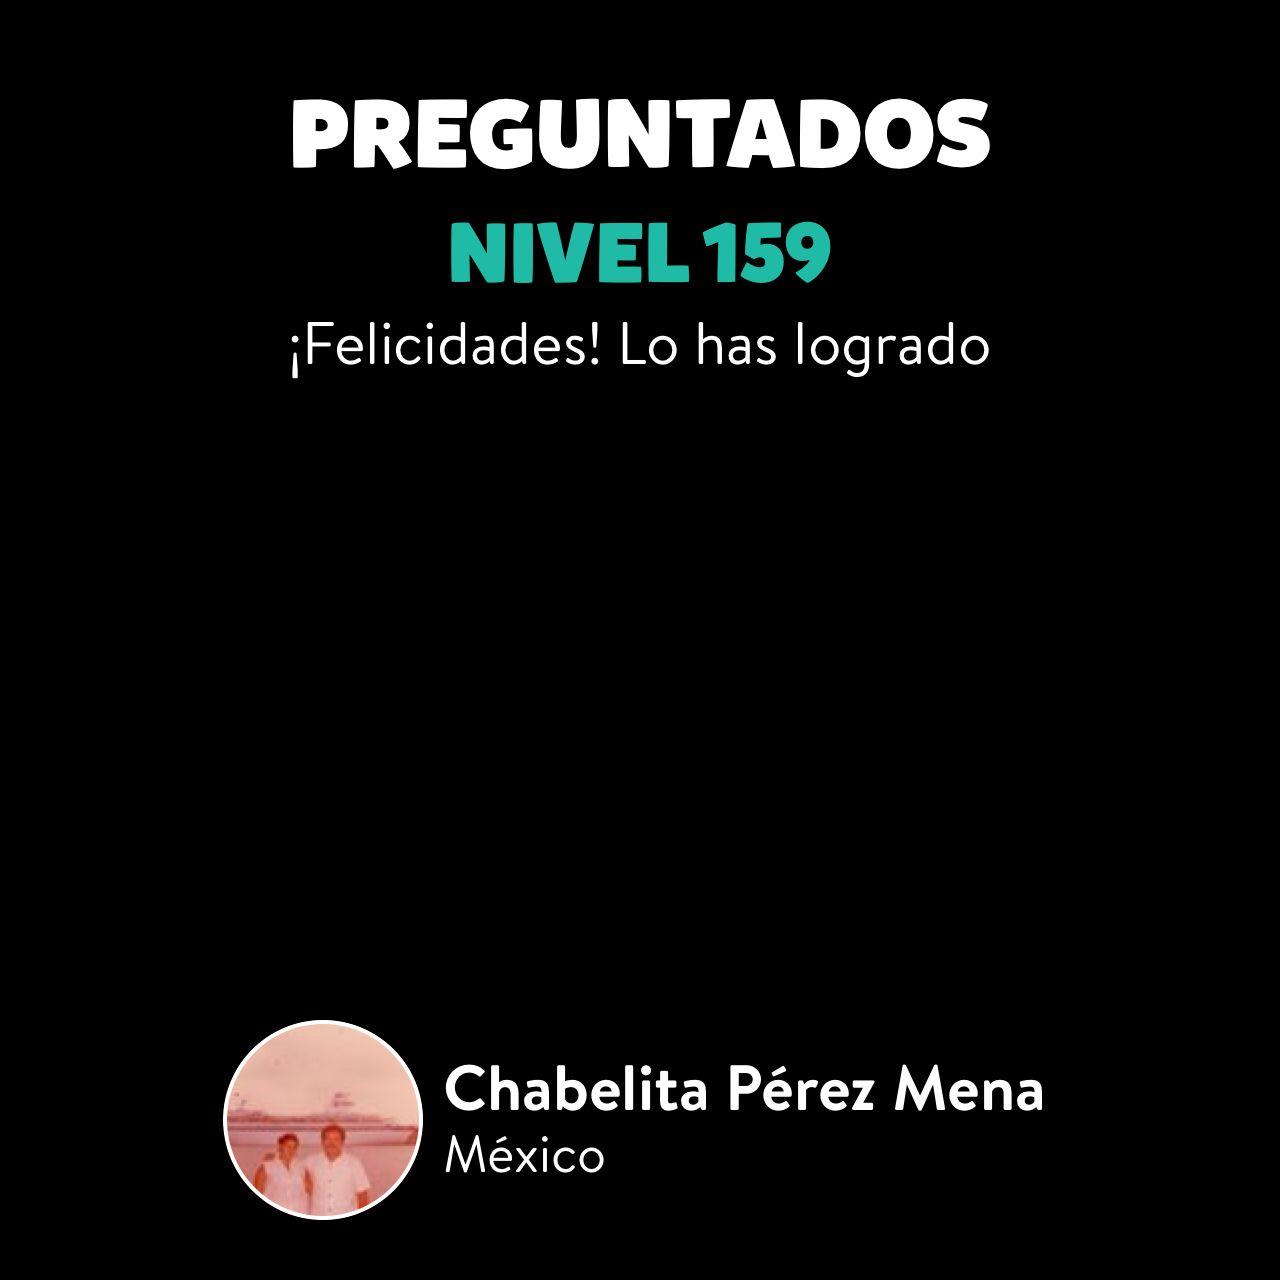 ¡Chabelita Pérez Mena ha subido al Nivel 159 en Preguntados!